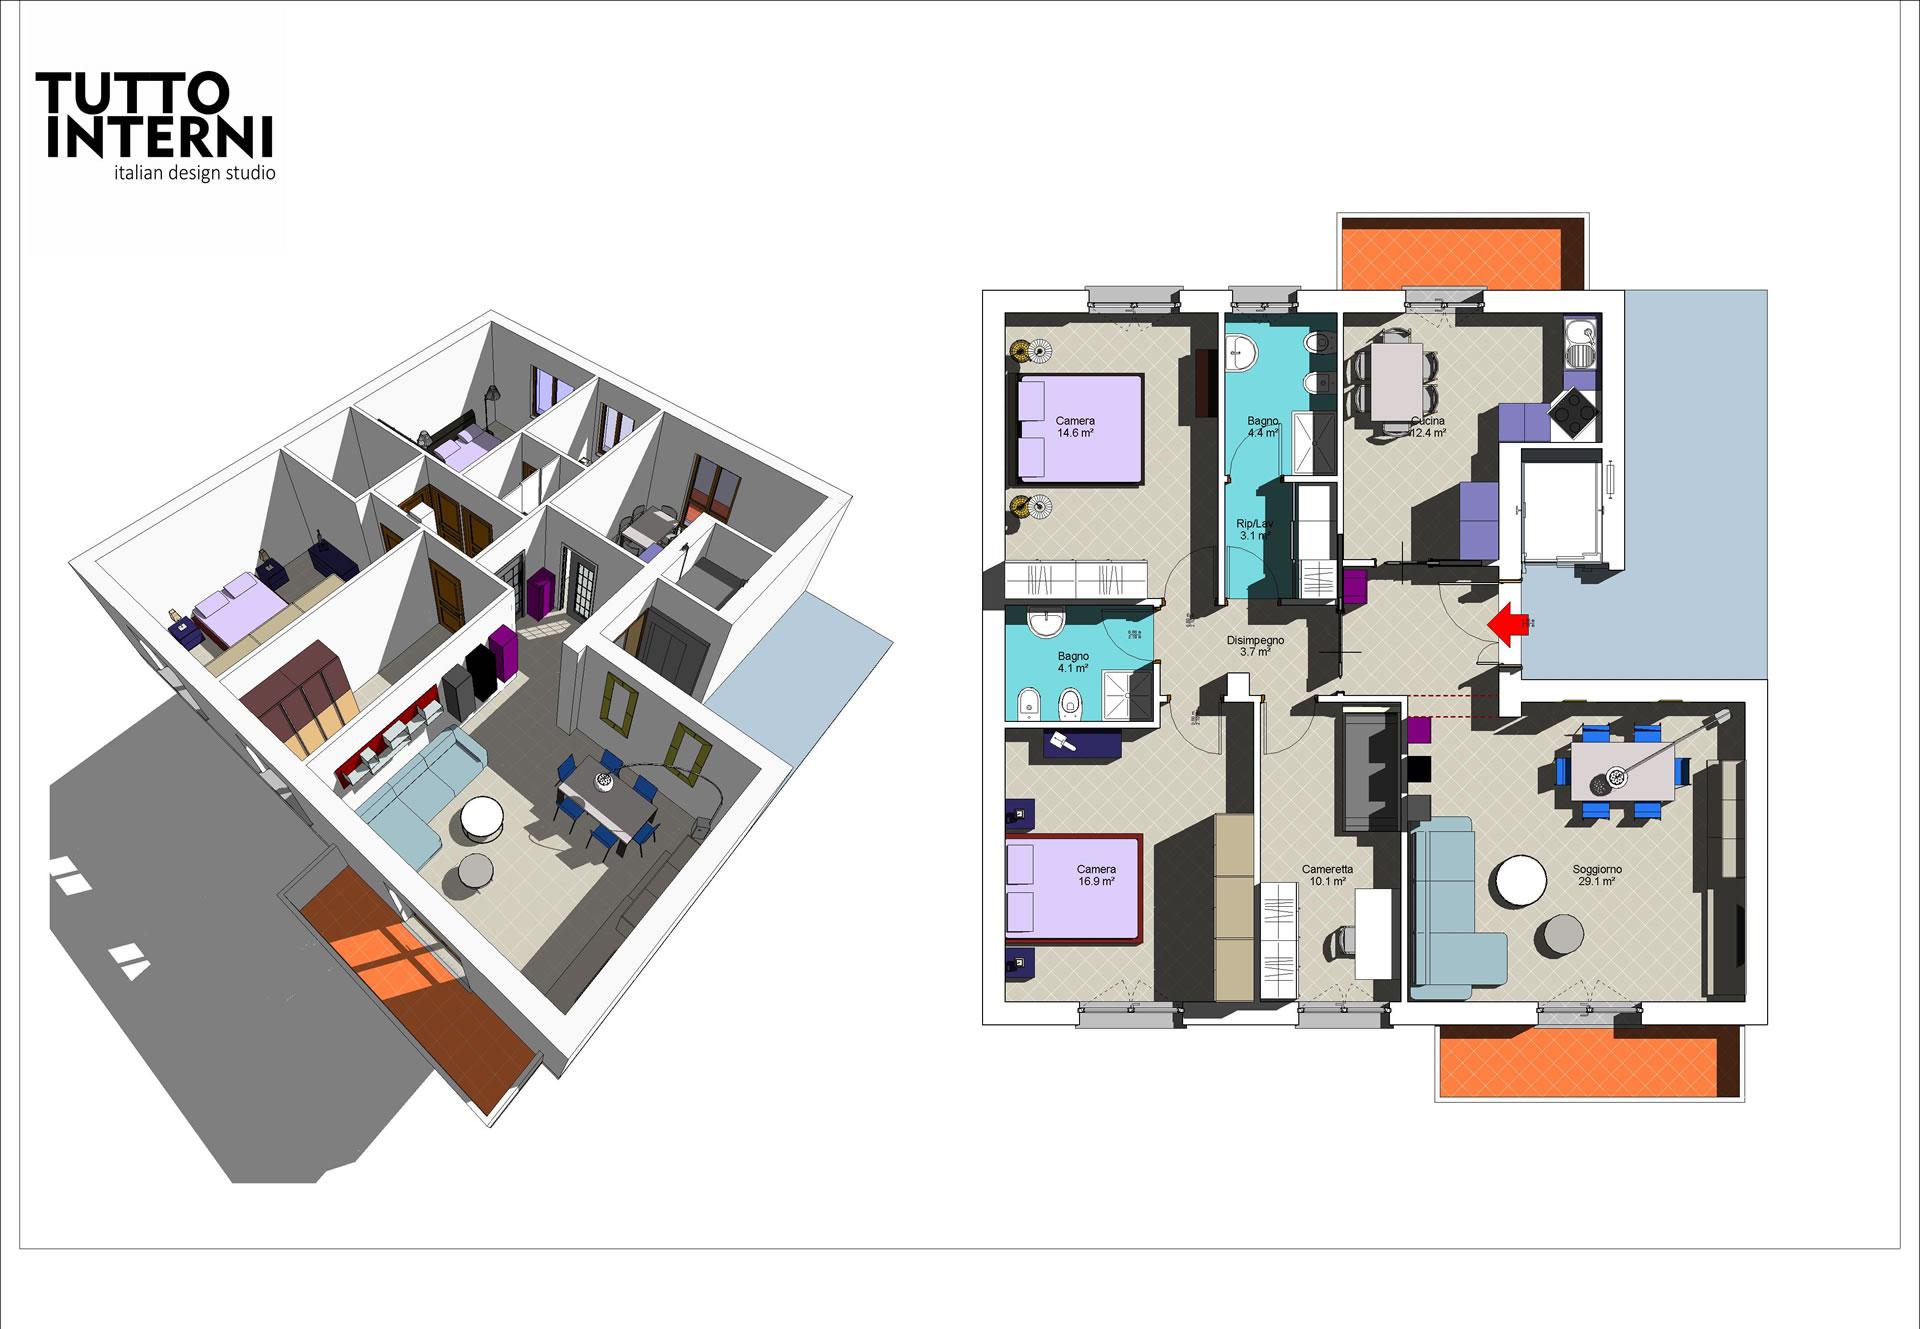 Progettazione interni e arredamento di case for Progettazioni interni